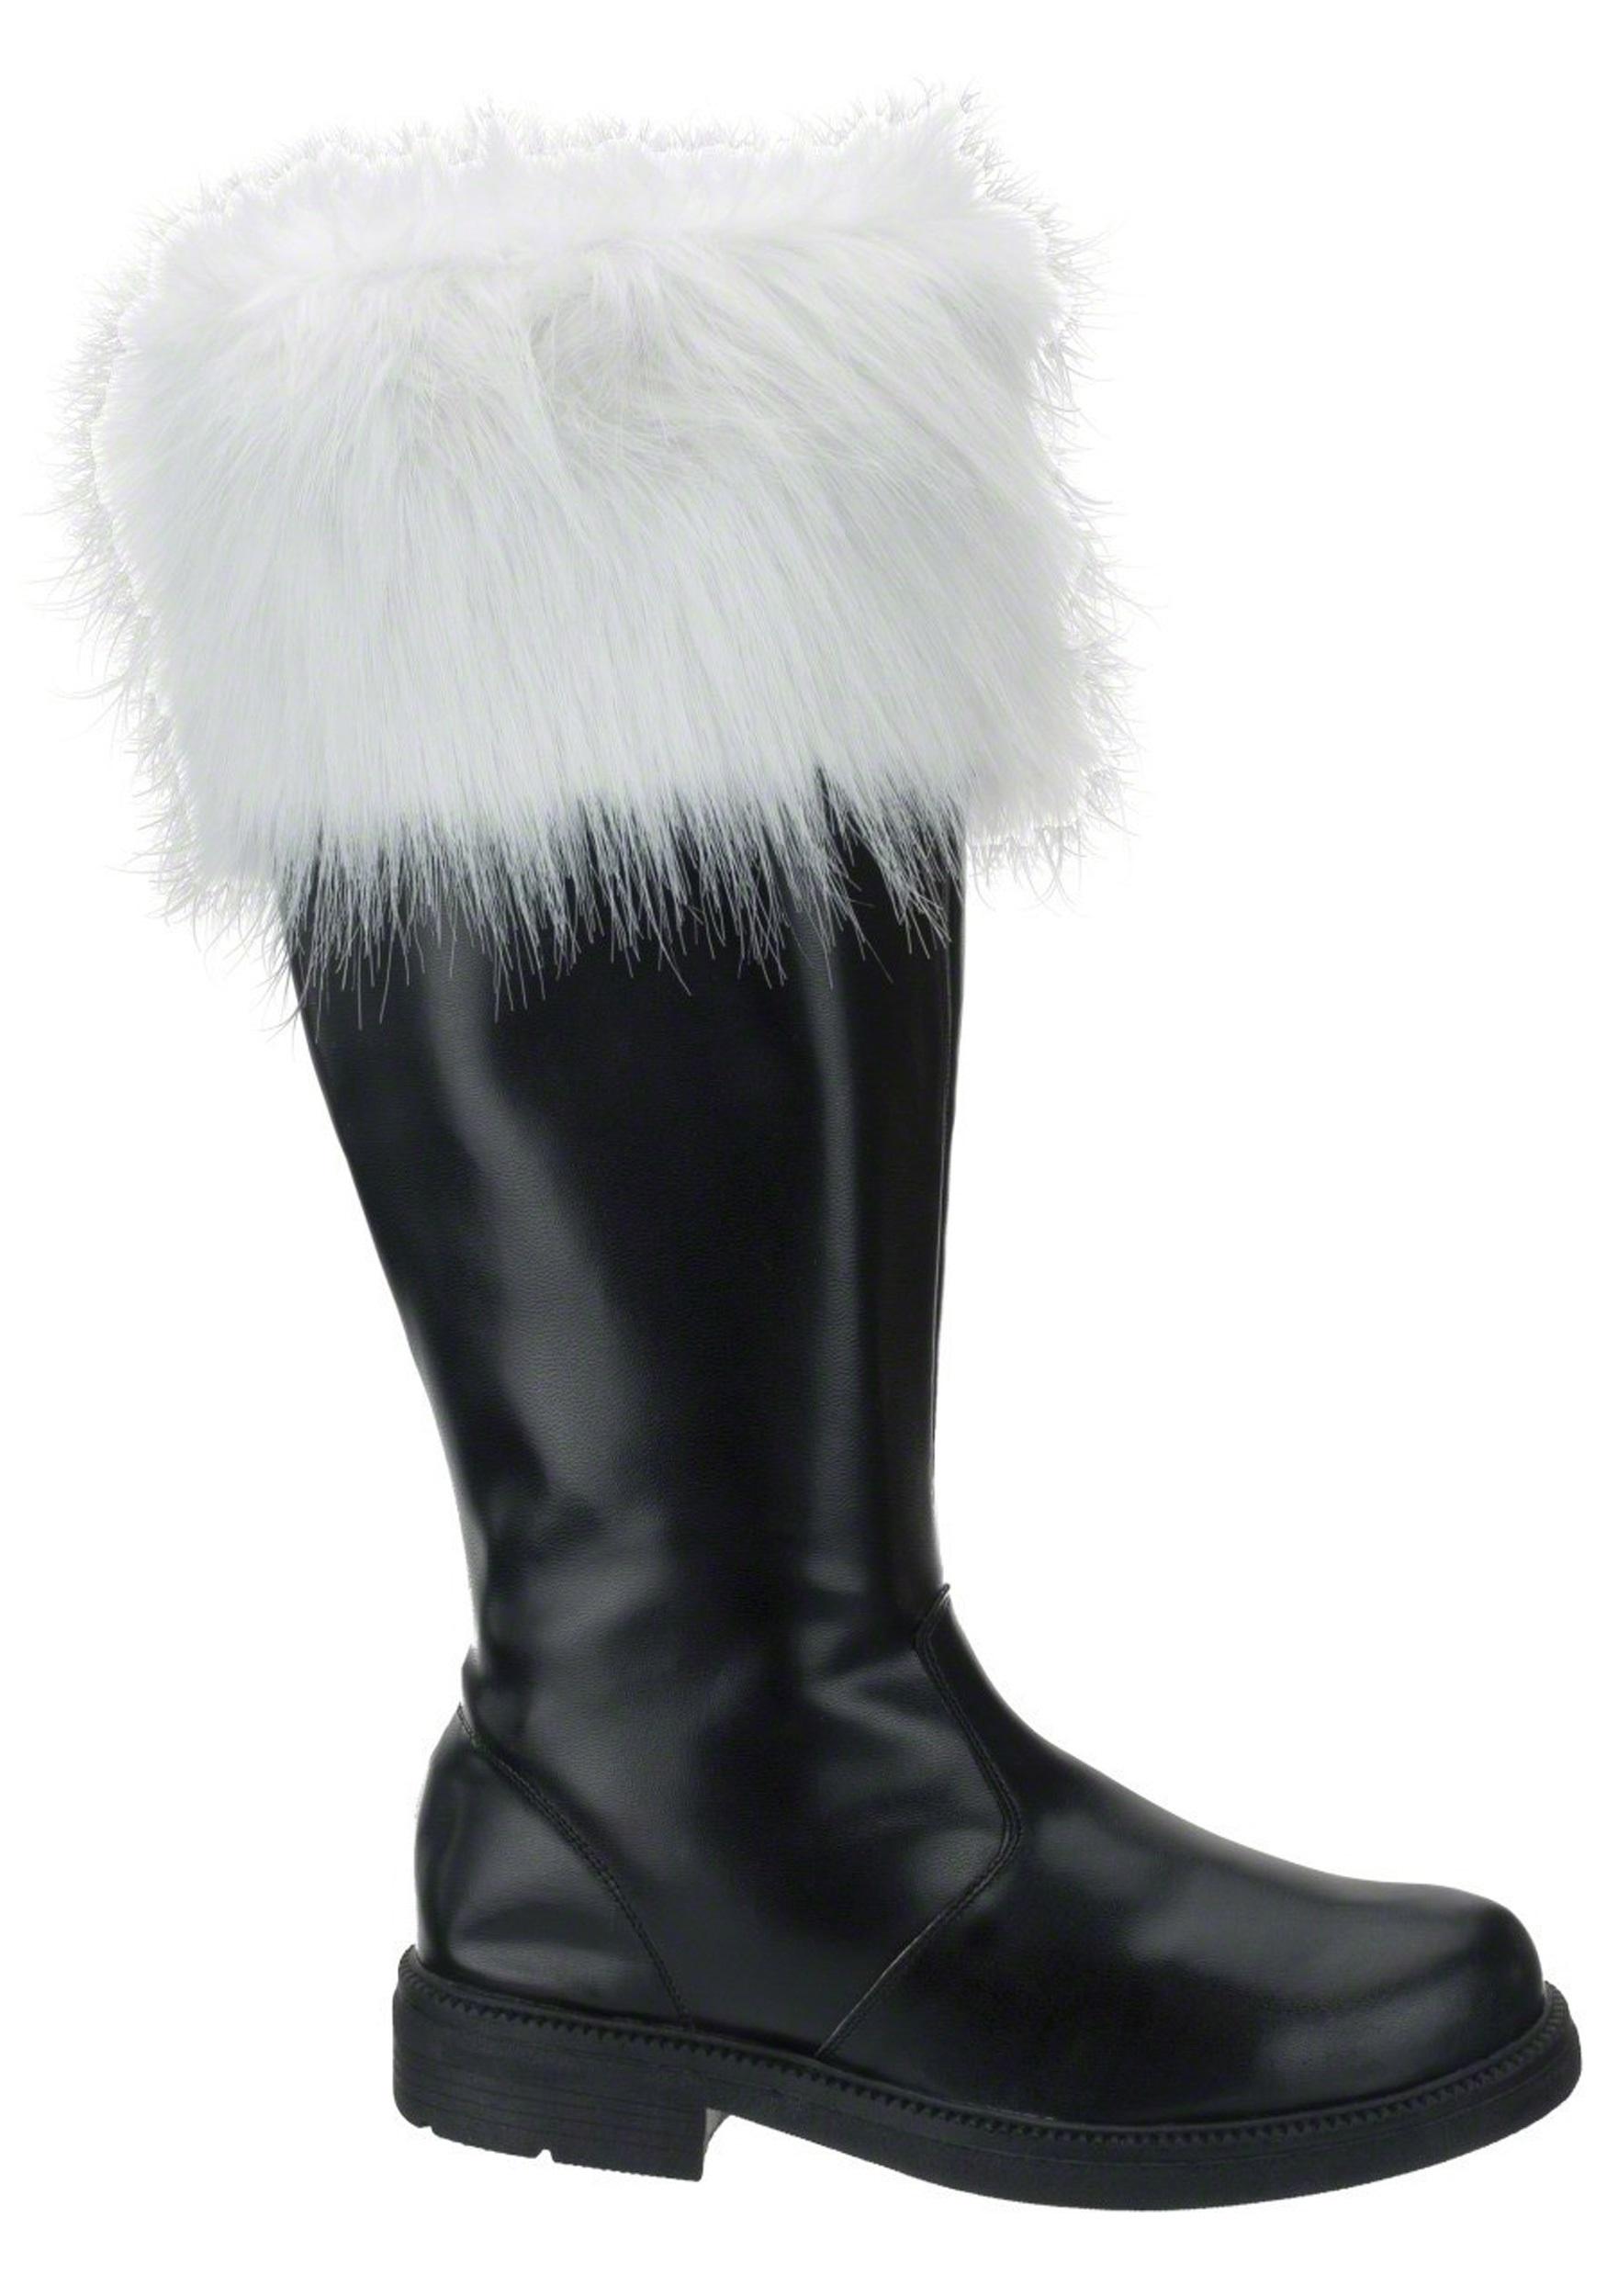 de1dffd4c56 Costume Boots and Shoes - Women s